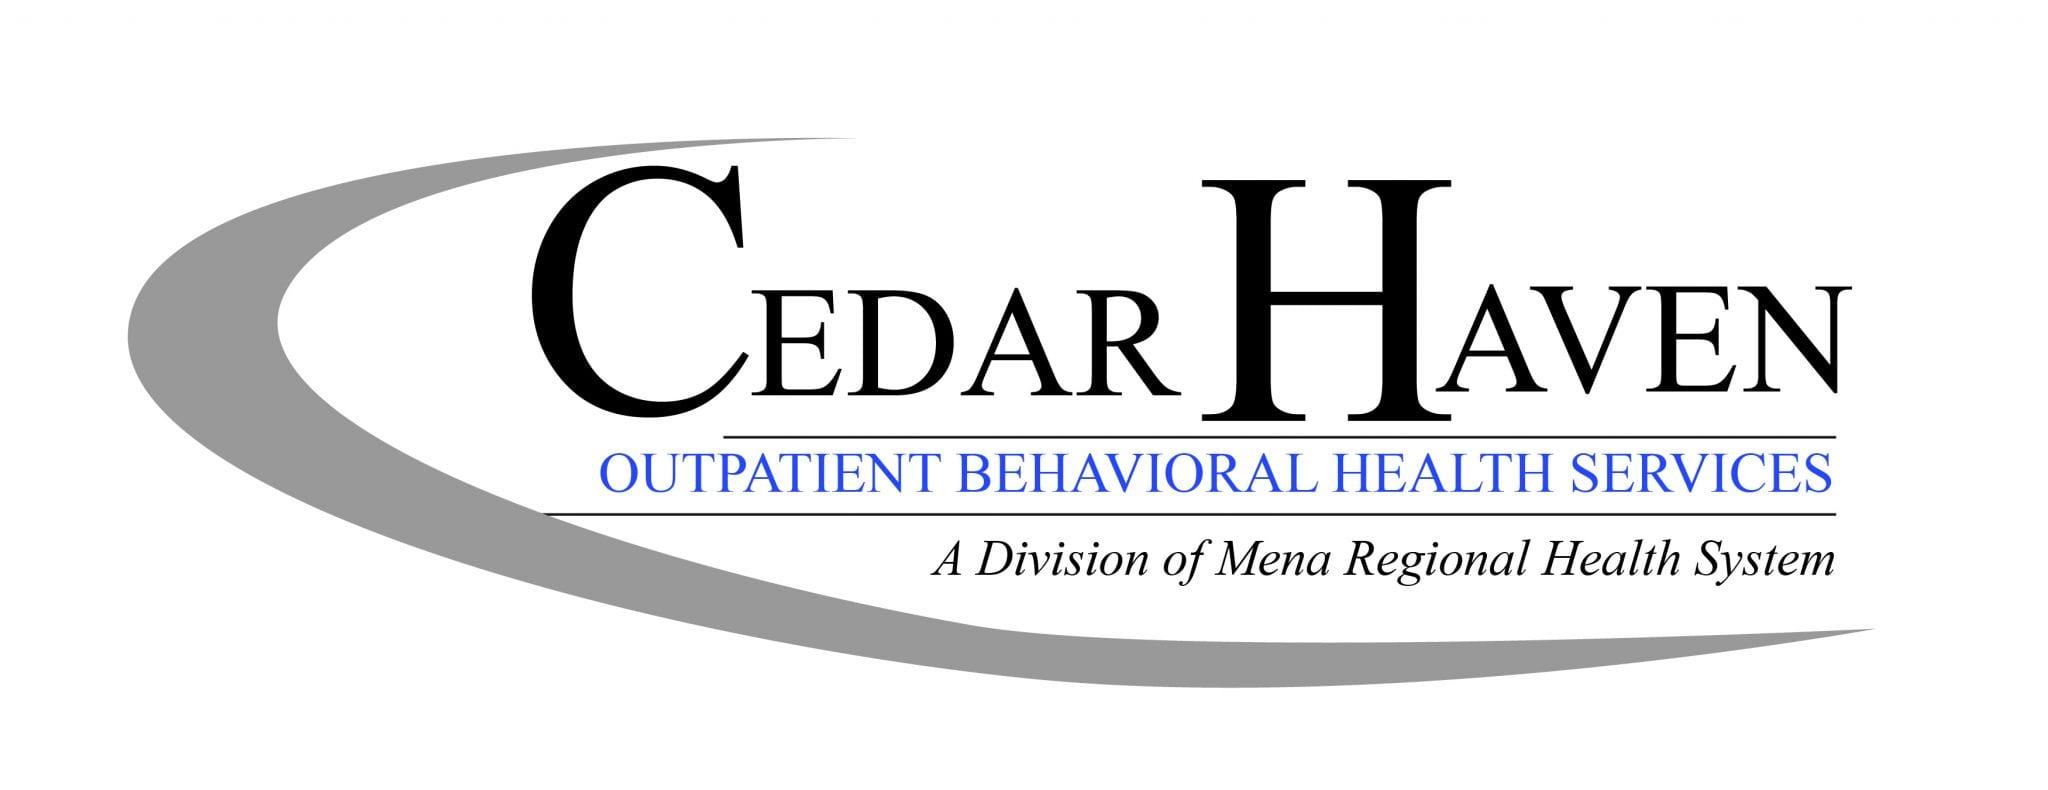 Cedar Haven